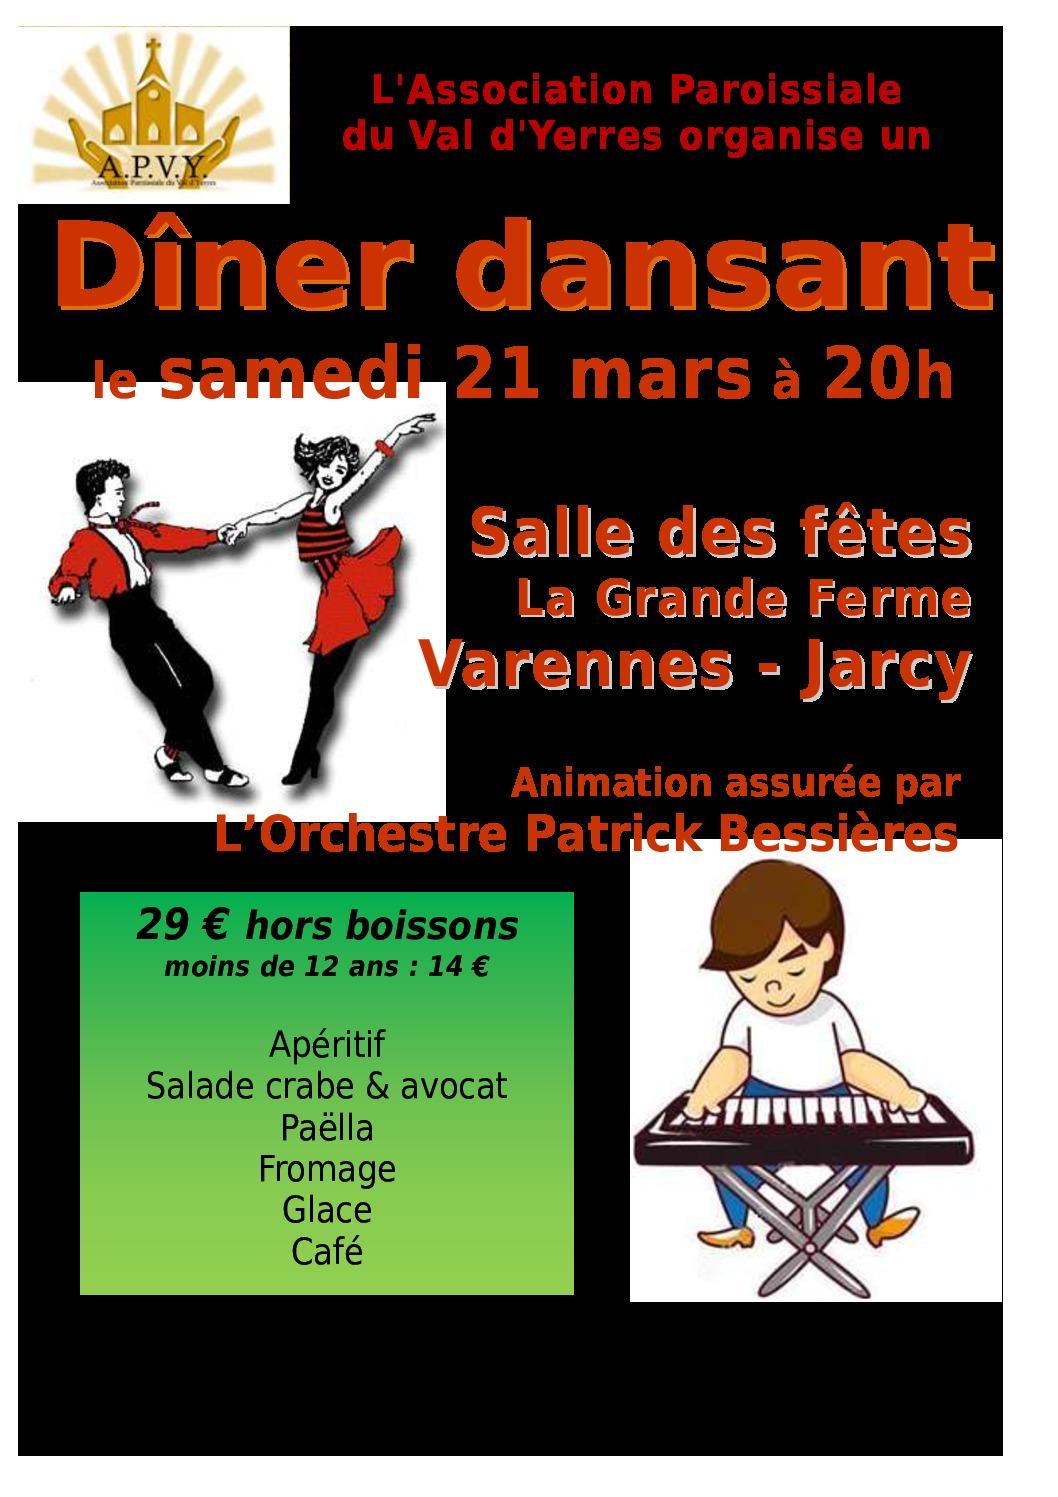 thumbnail of Diner_dansant 2020 Affiche